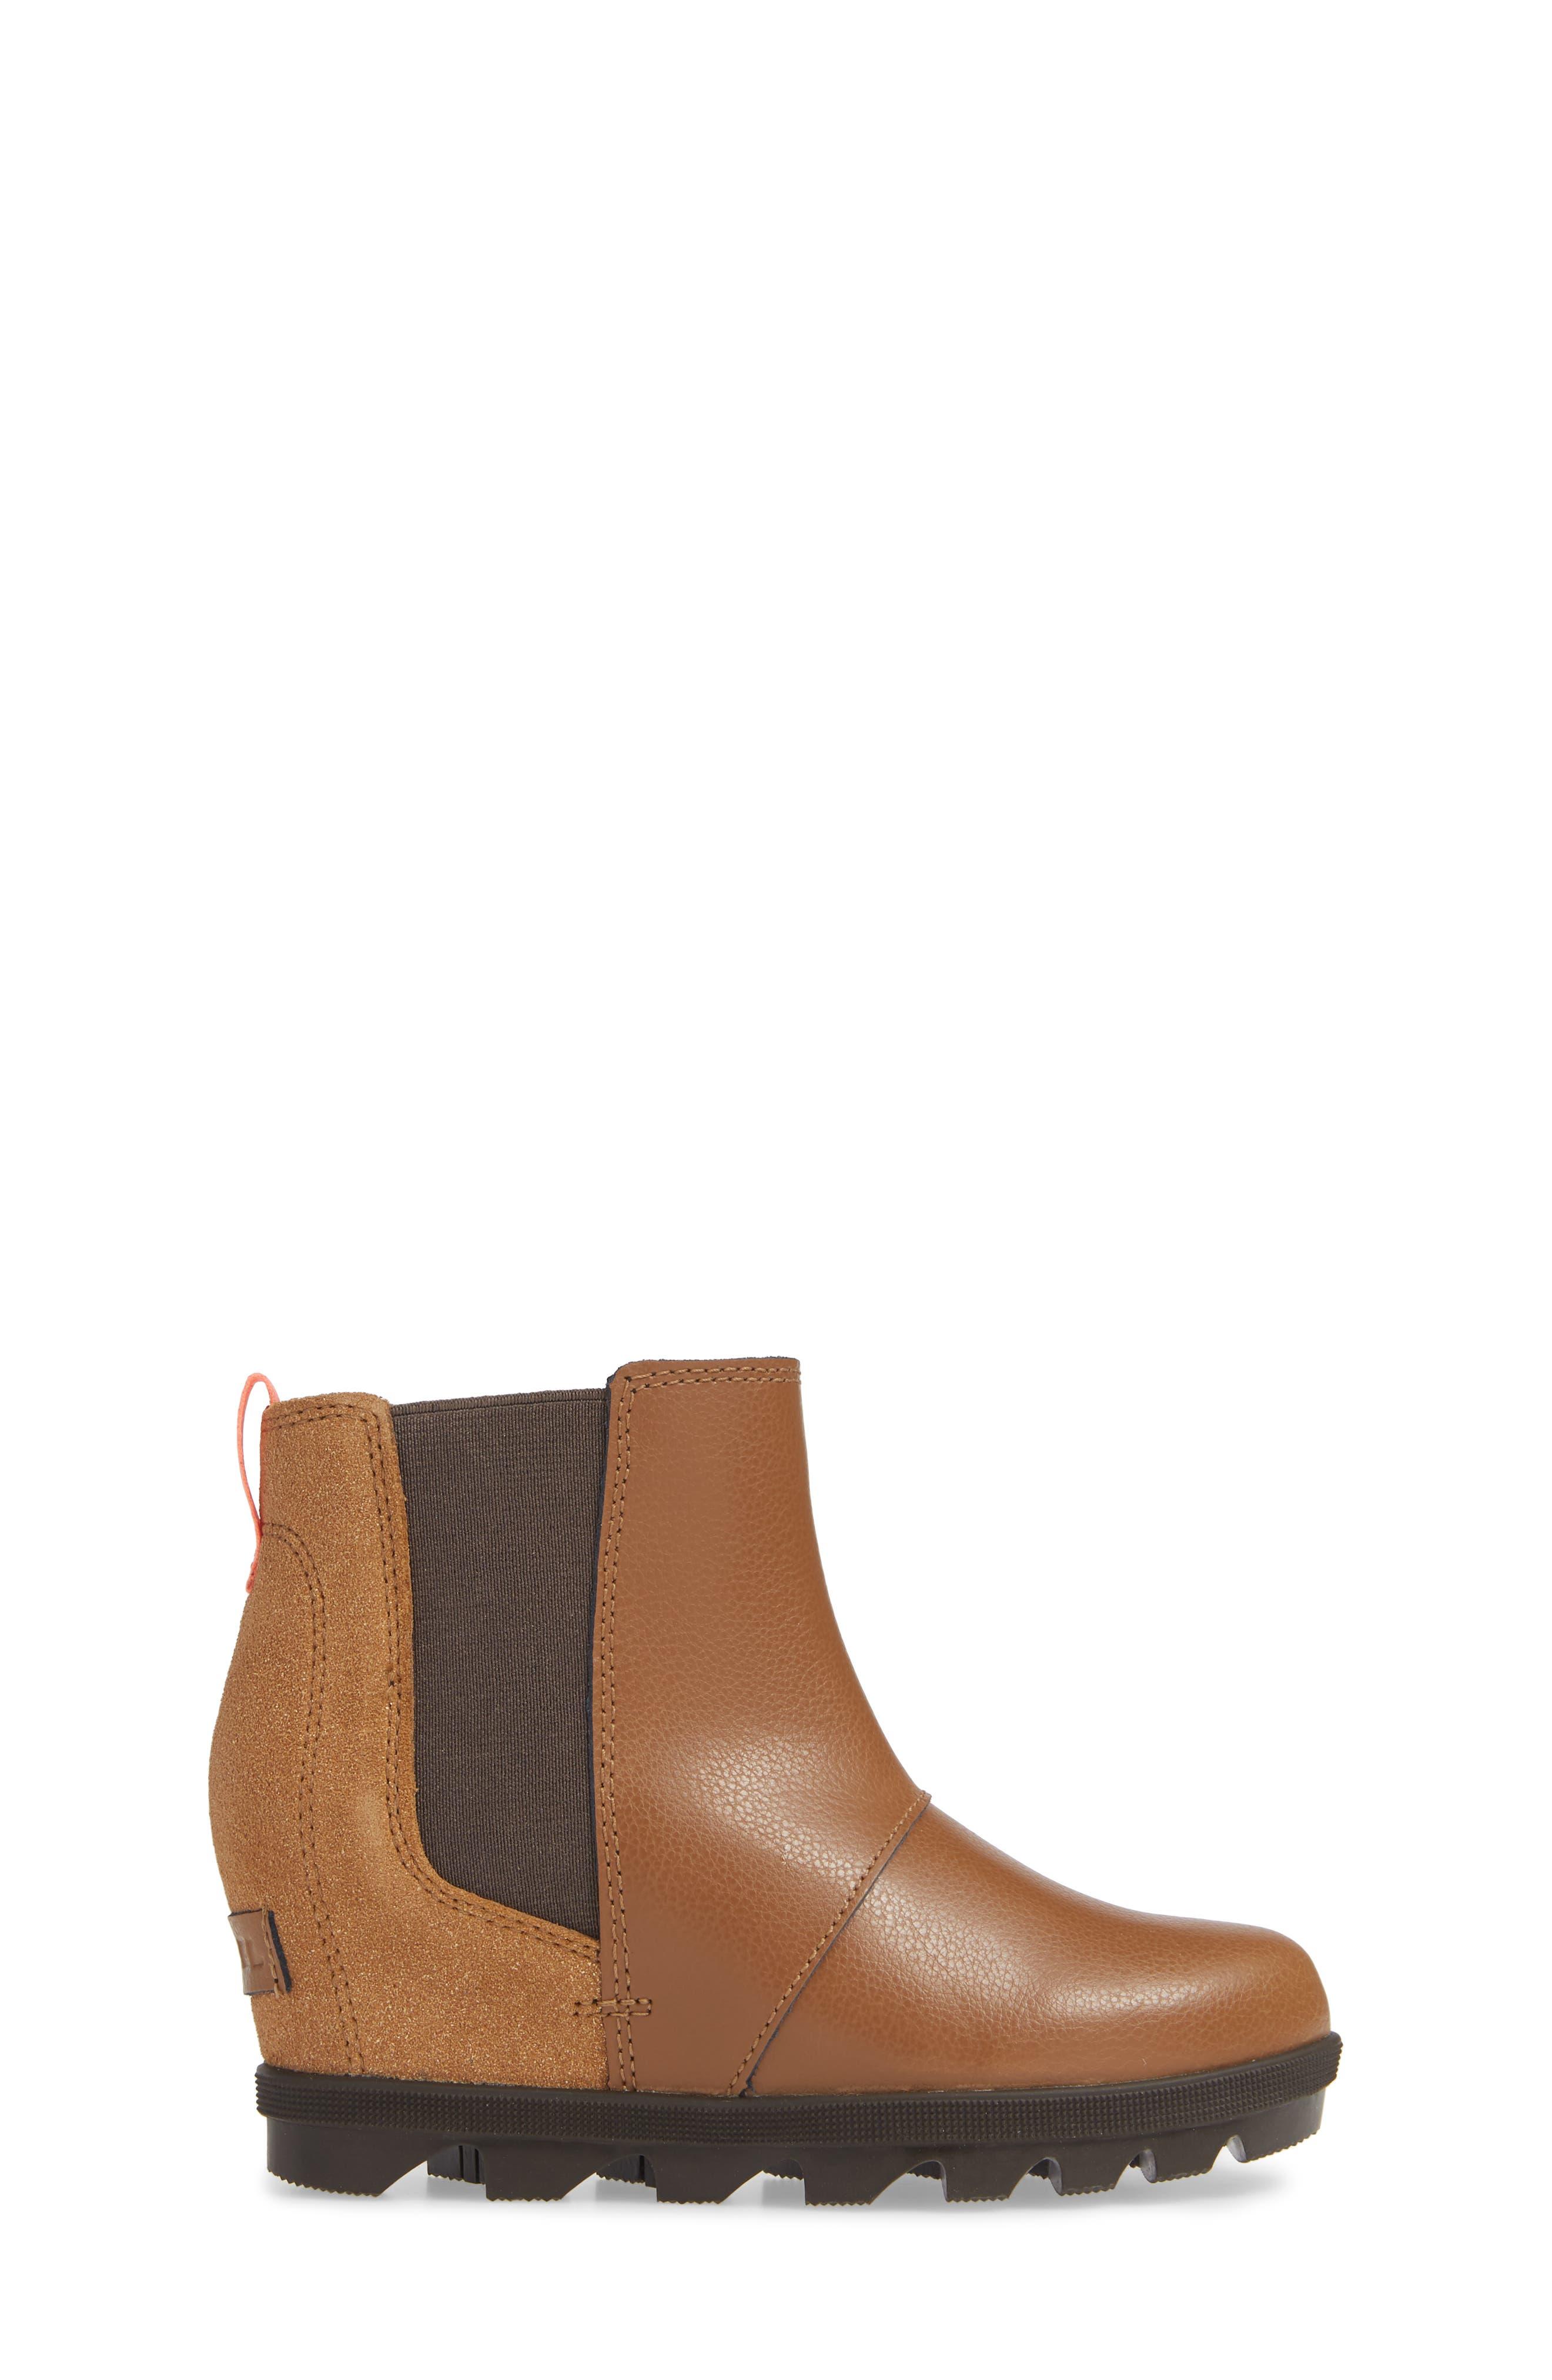 SOREL, Joan of Arc II Waterproof Wedge Chelsea Boot, Alternate thumbnail 3, color, CAMEL BROWN